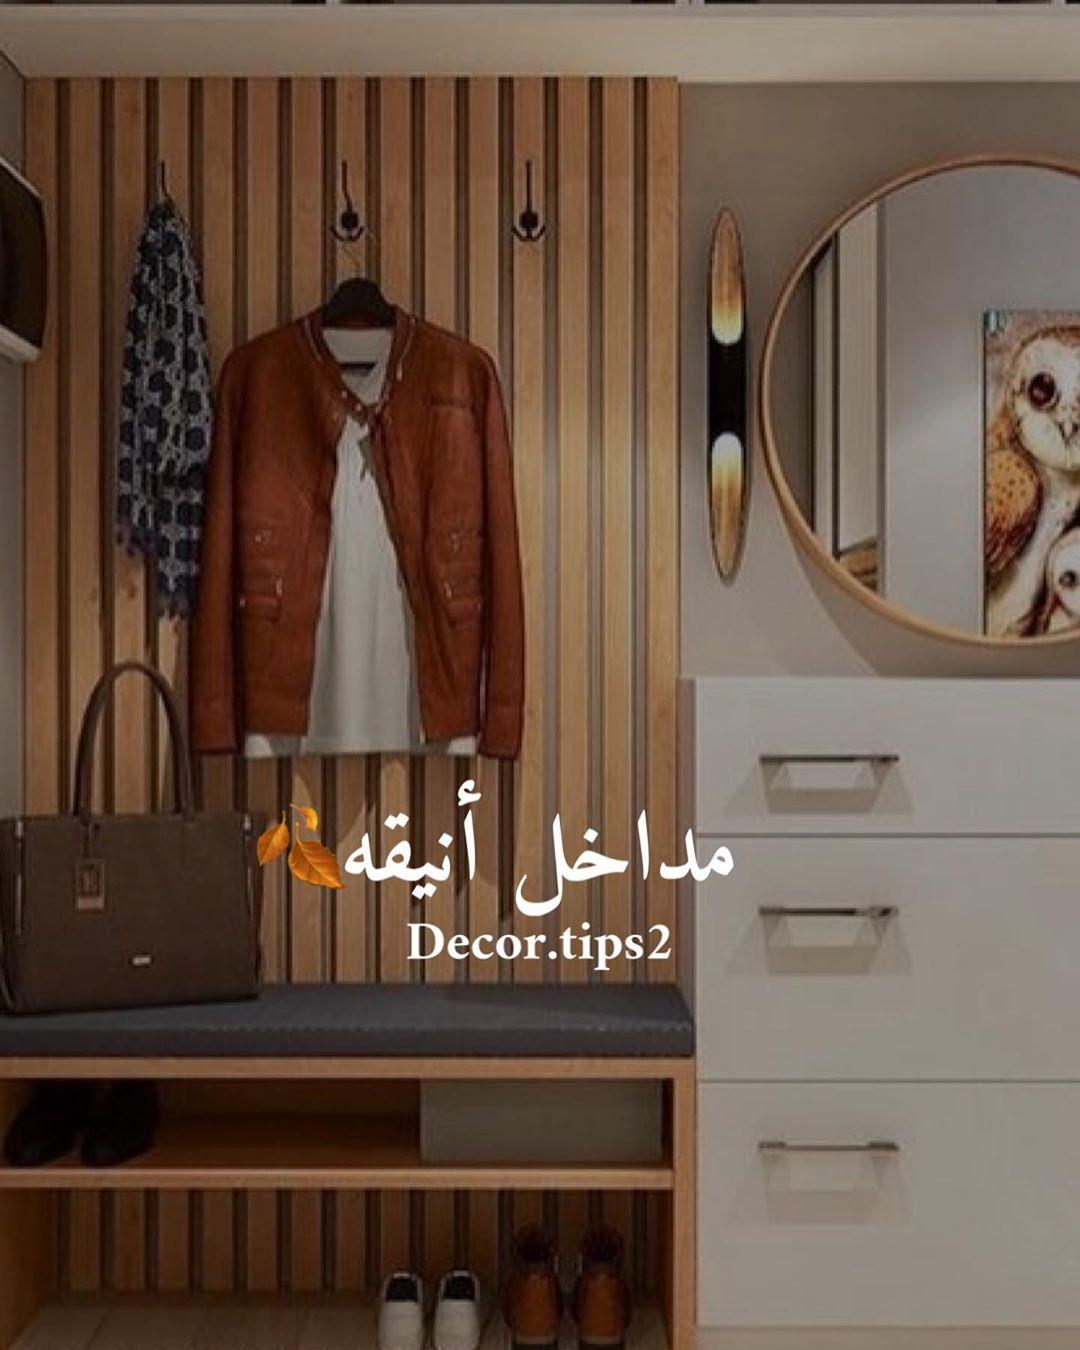 . صباحكم سعاده و رضا يارب على طلب المتابعين نزلت هذا البوست طبعاً المداخل هذي تن